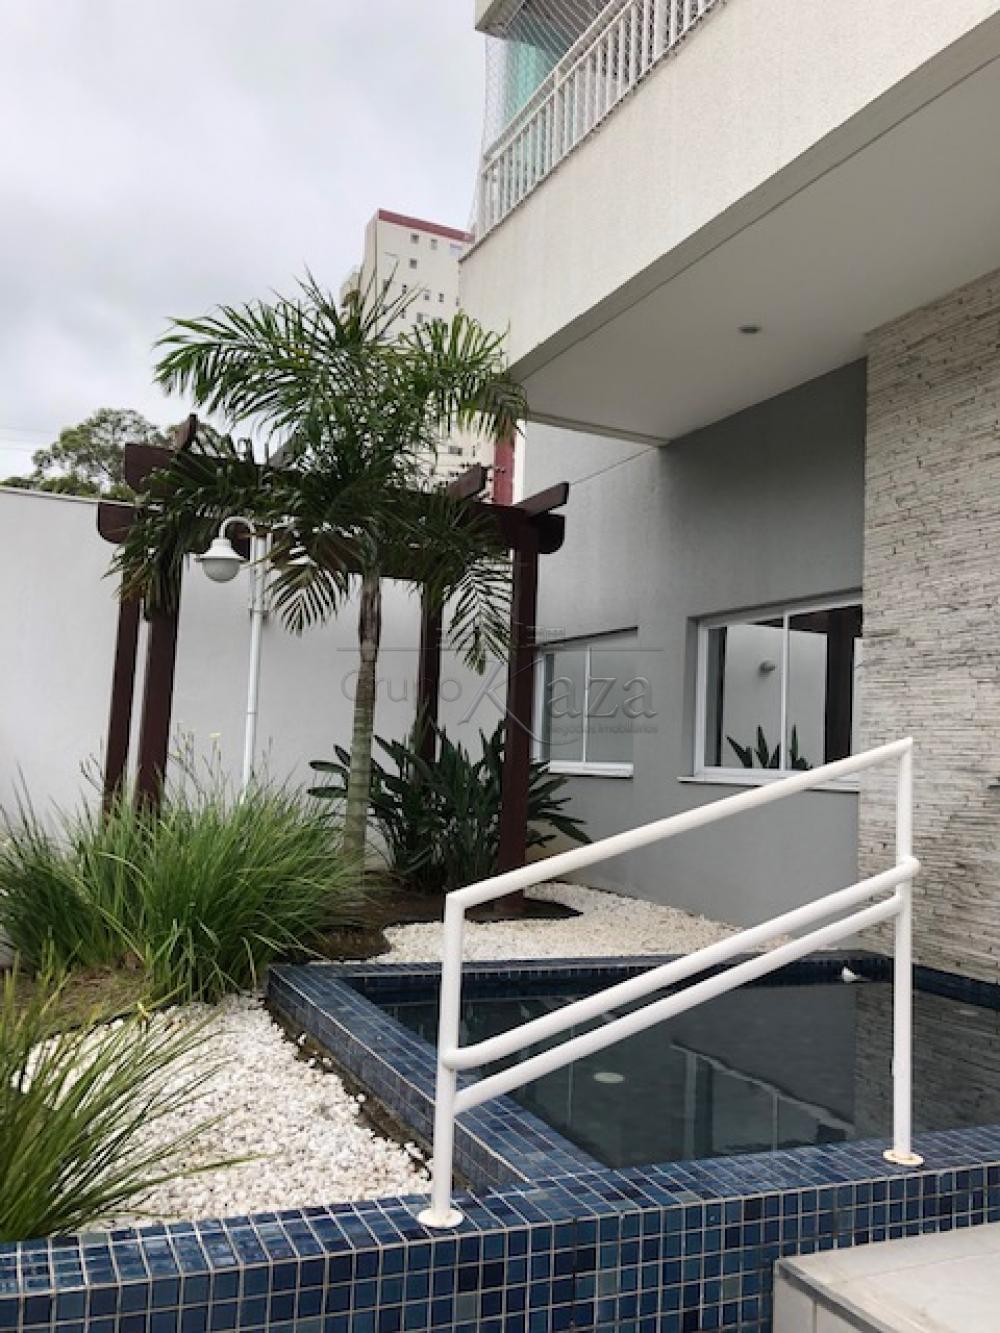 Comprar Apartamento / Padrão em São José dos Campos apenas R$ 440.000,00 - Foto 6